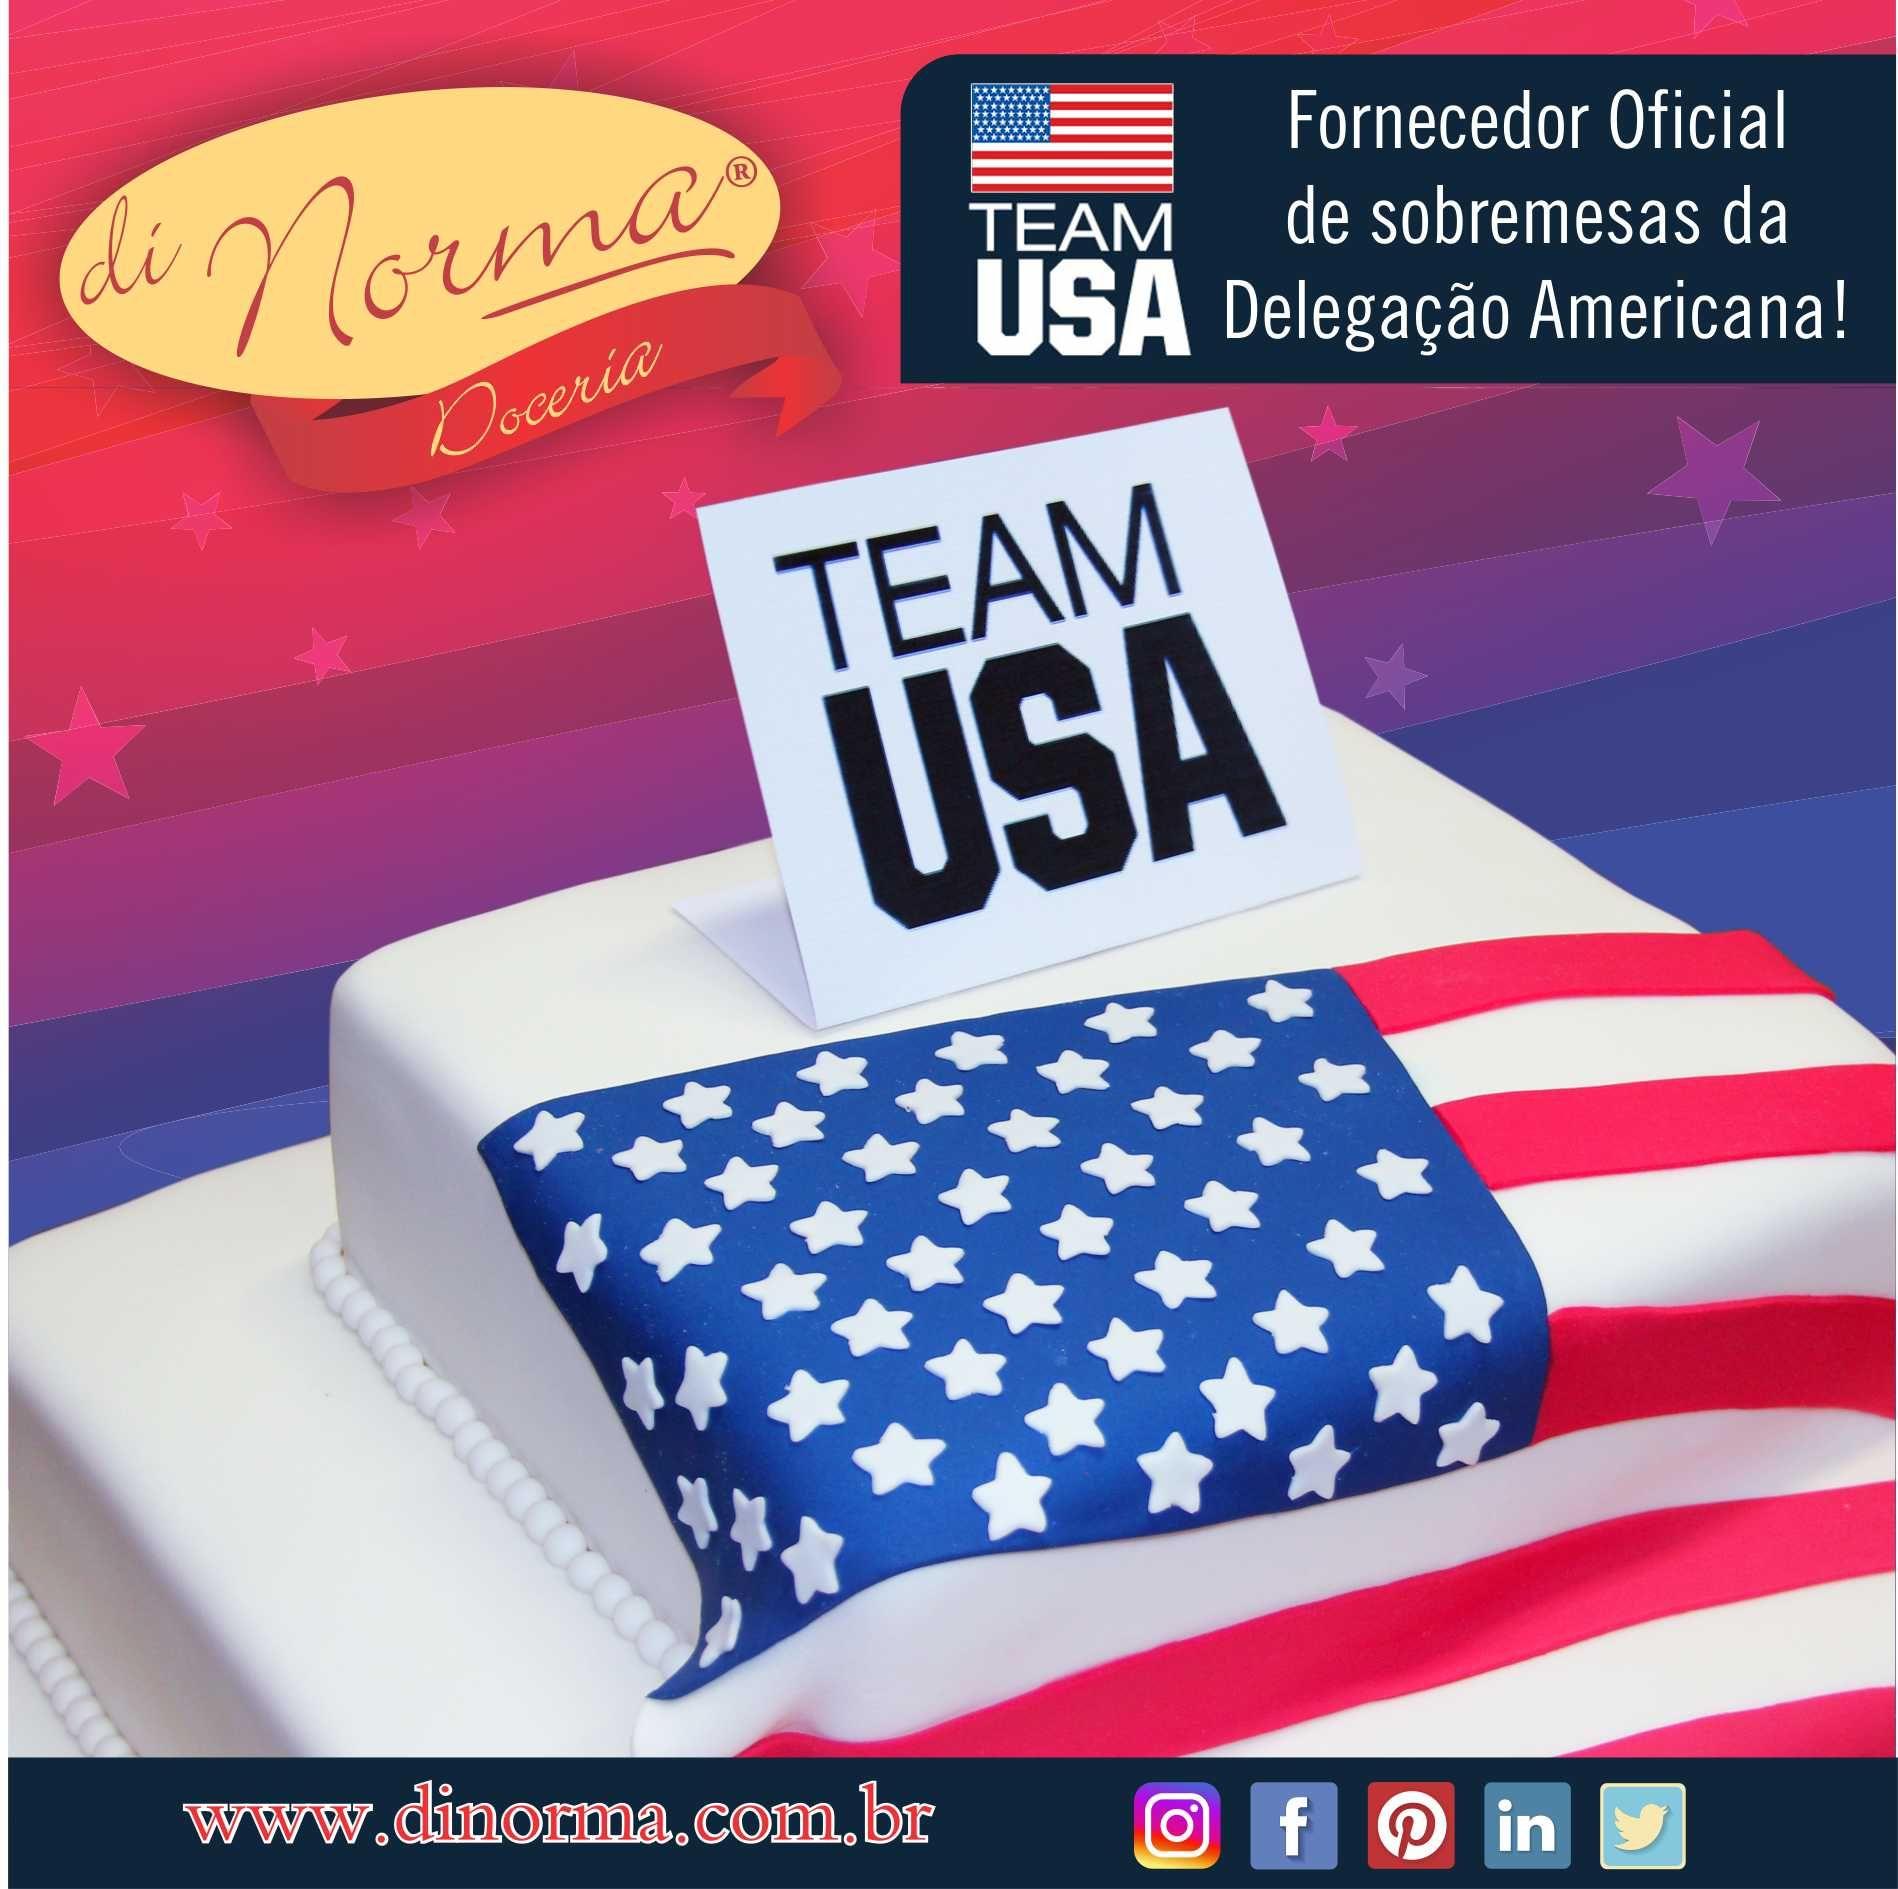 ESTAMOS CHIQUES !!!  #DiNorma #Oficial #TeamUSA #Rio2016